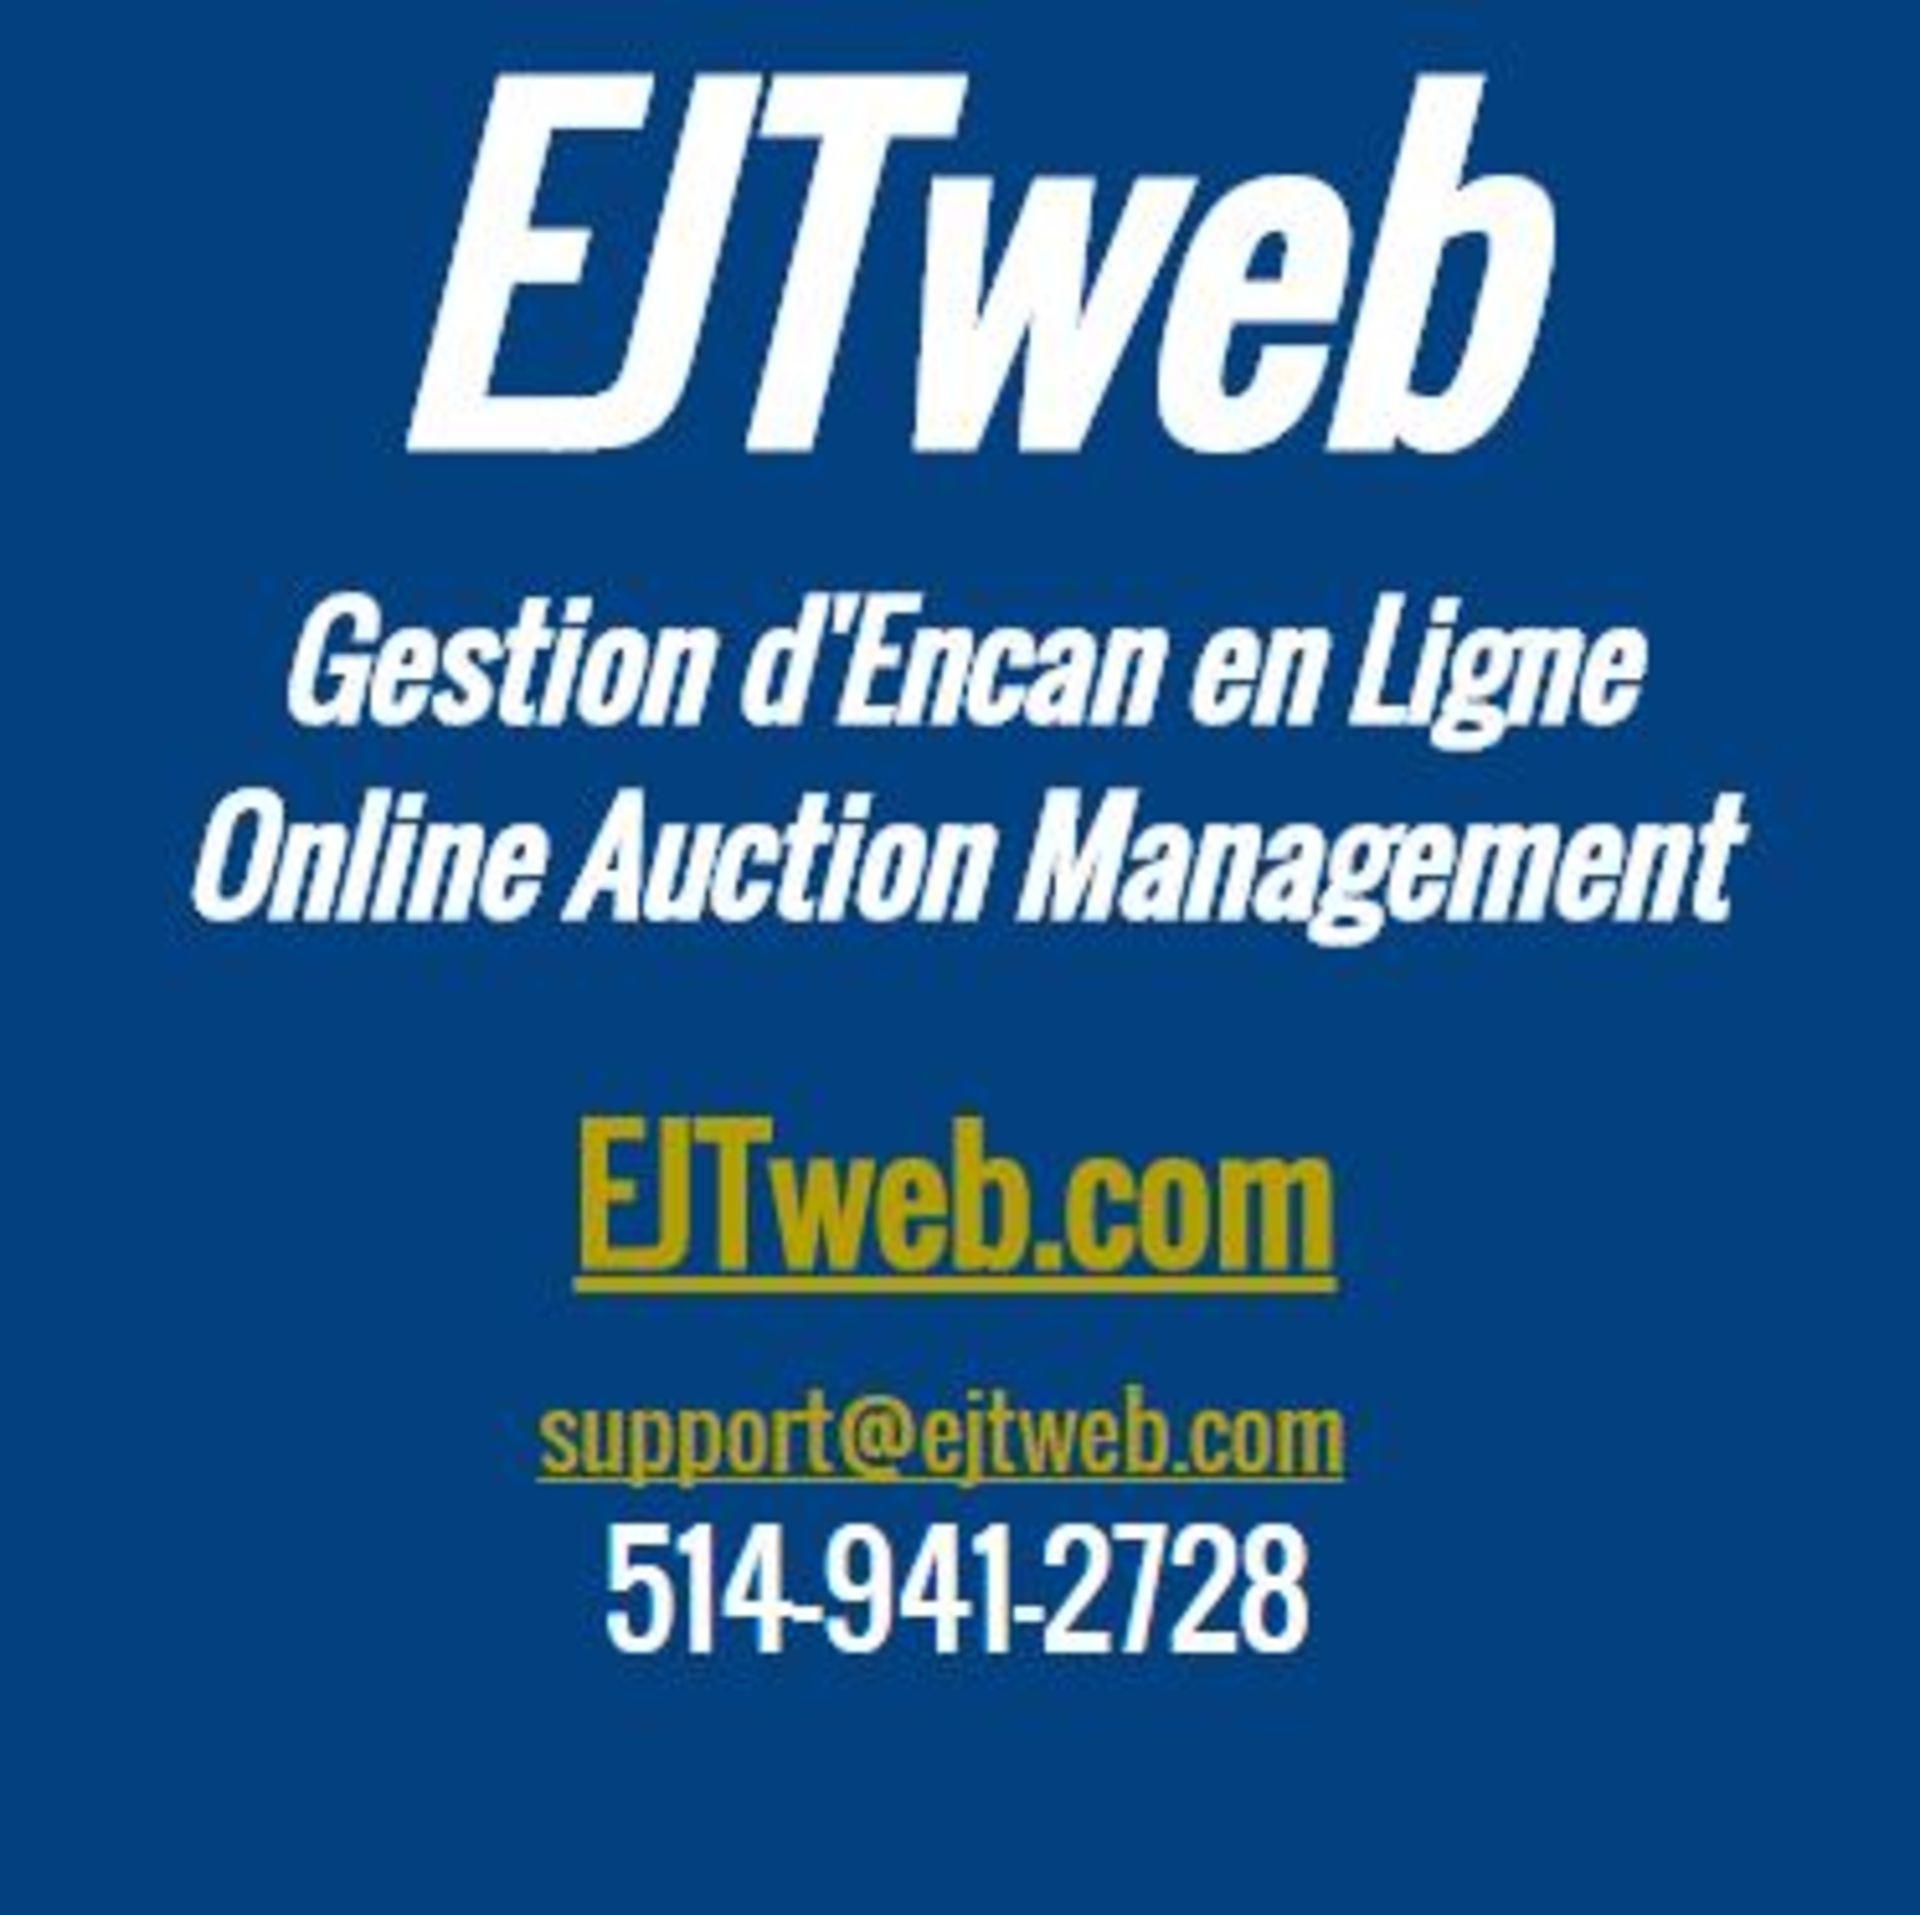 CONTACT US FOR REGISTRATION, BIDDING OR TRANSLATION ASSISTANCE * Contactez nous pour assistance